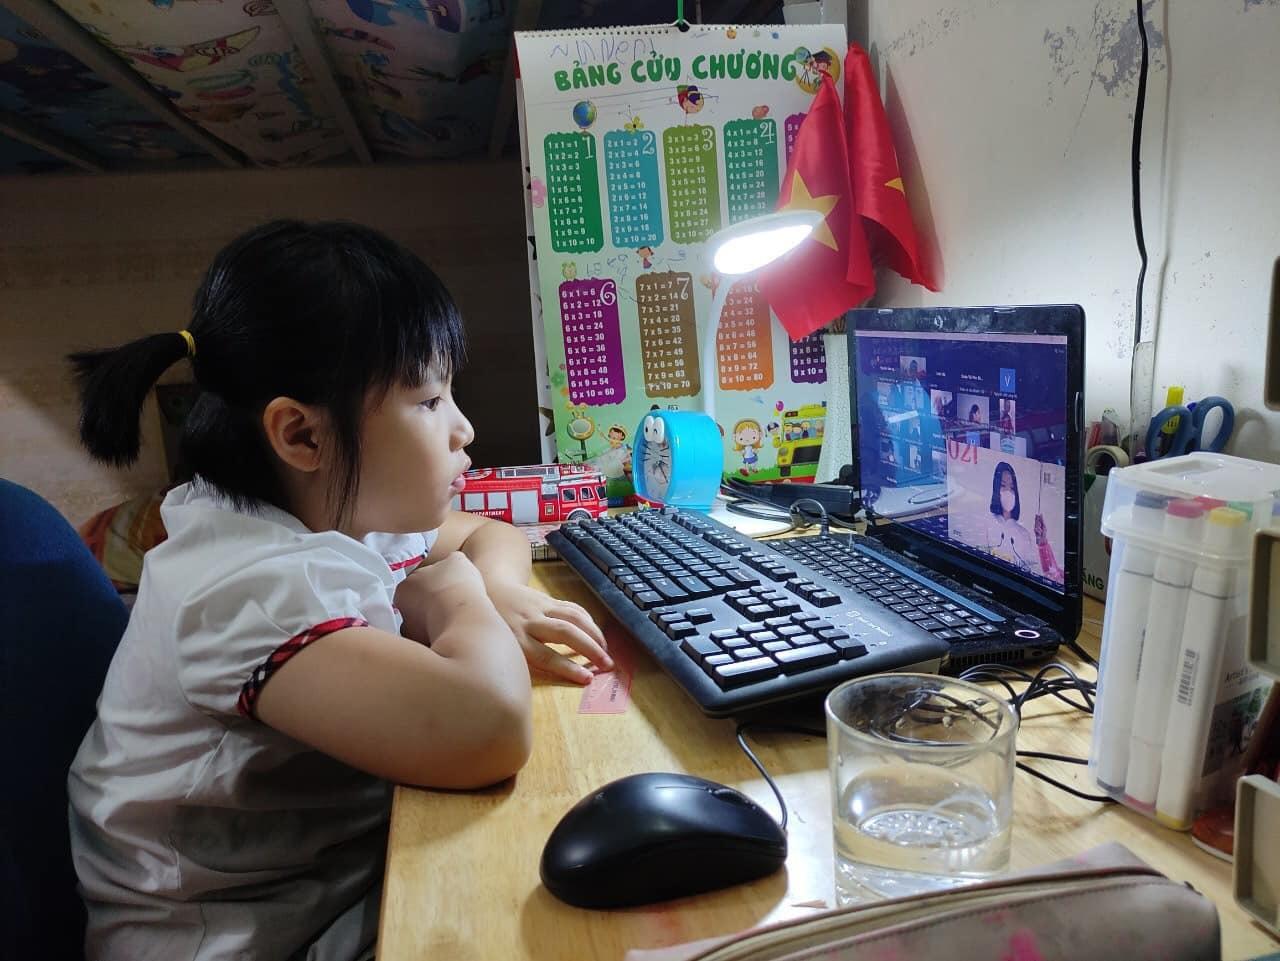 Học sinh lớp 1, 2 không phải kiểm tra, đánh giá trong thời gian học online